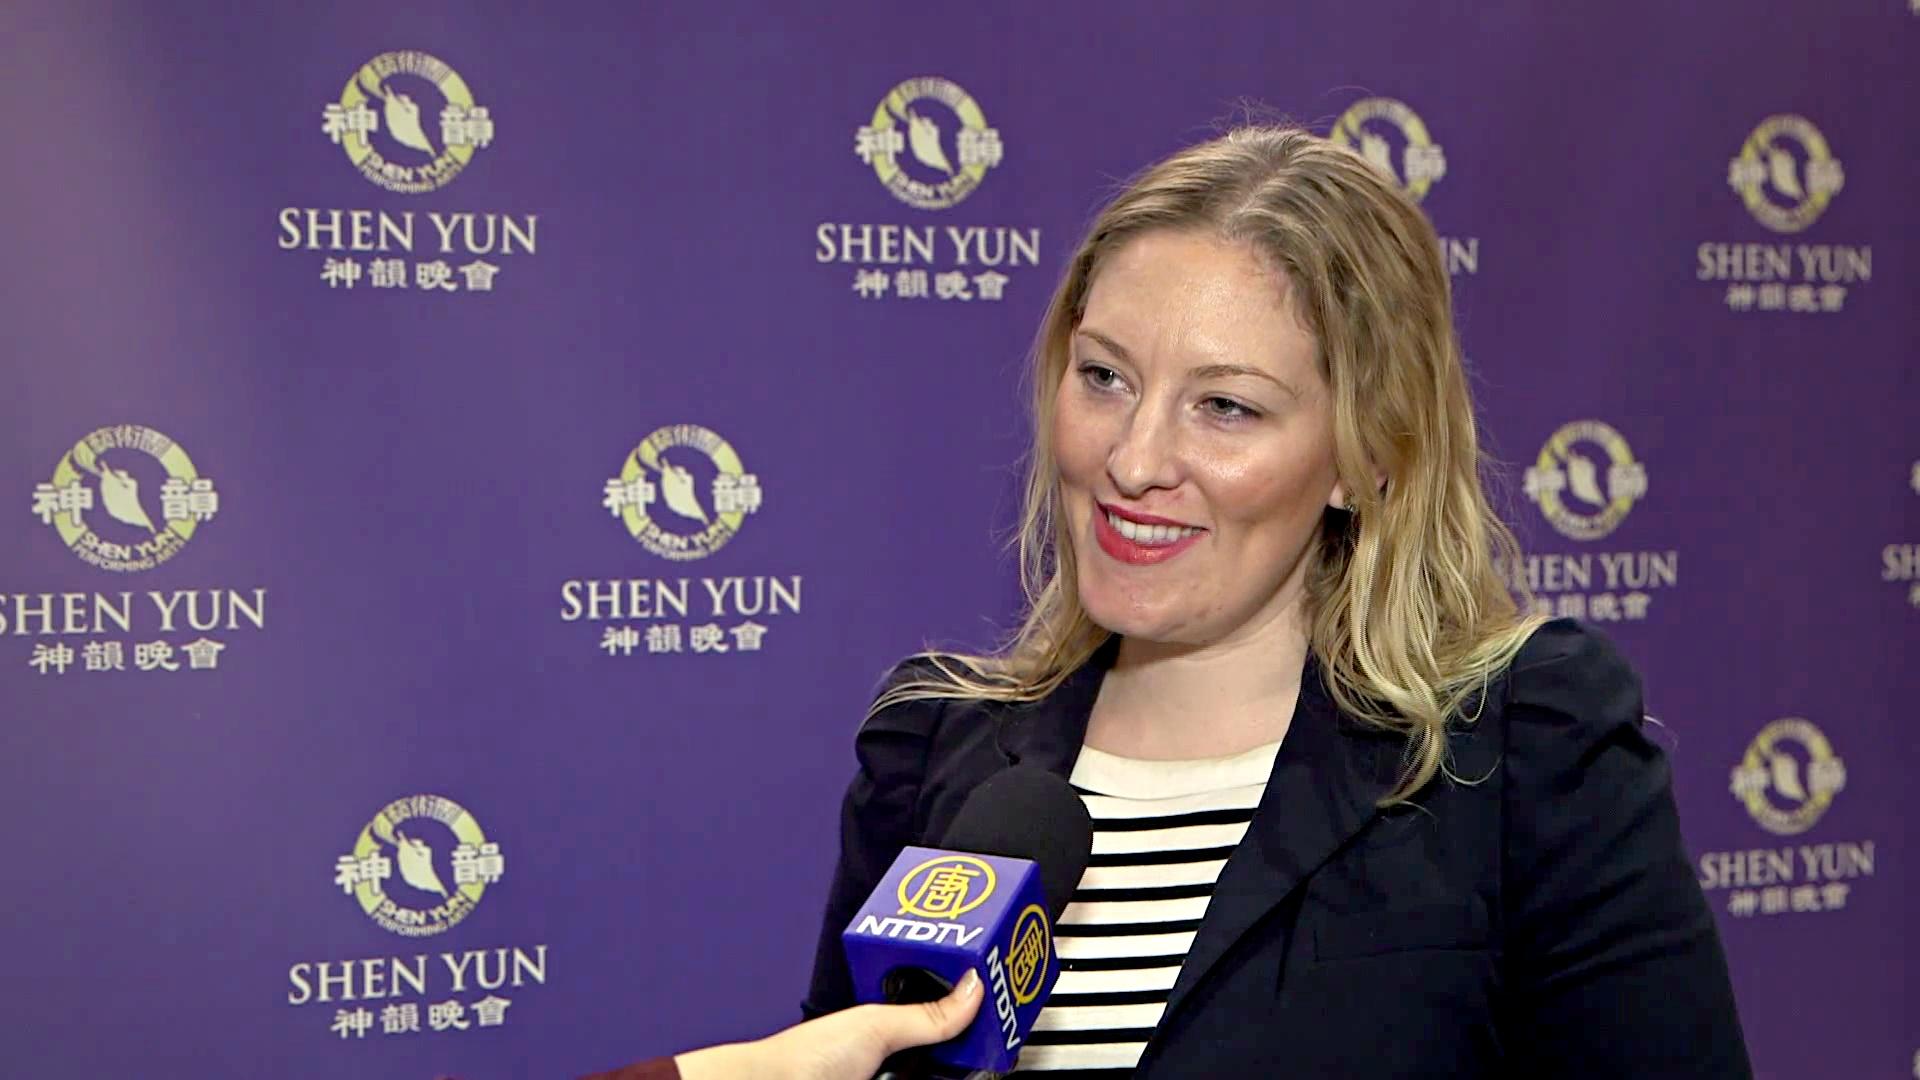 Писательница из Торонто: «Шоу Shen Yun — неповторимое»